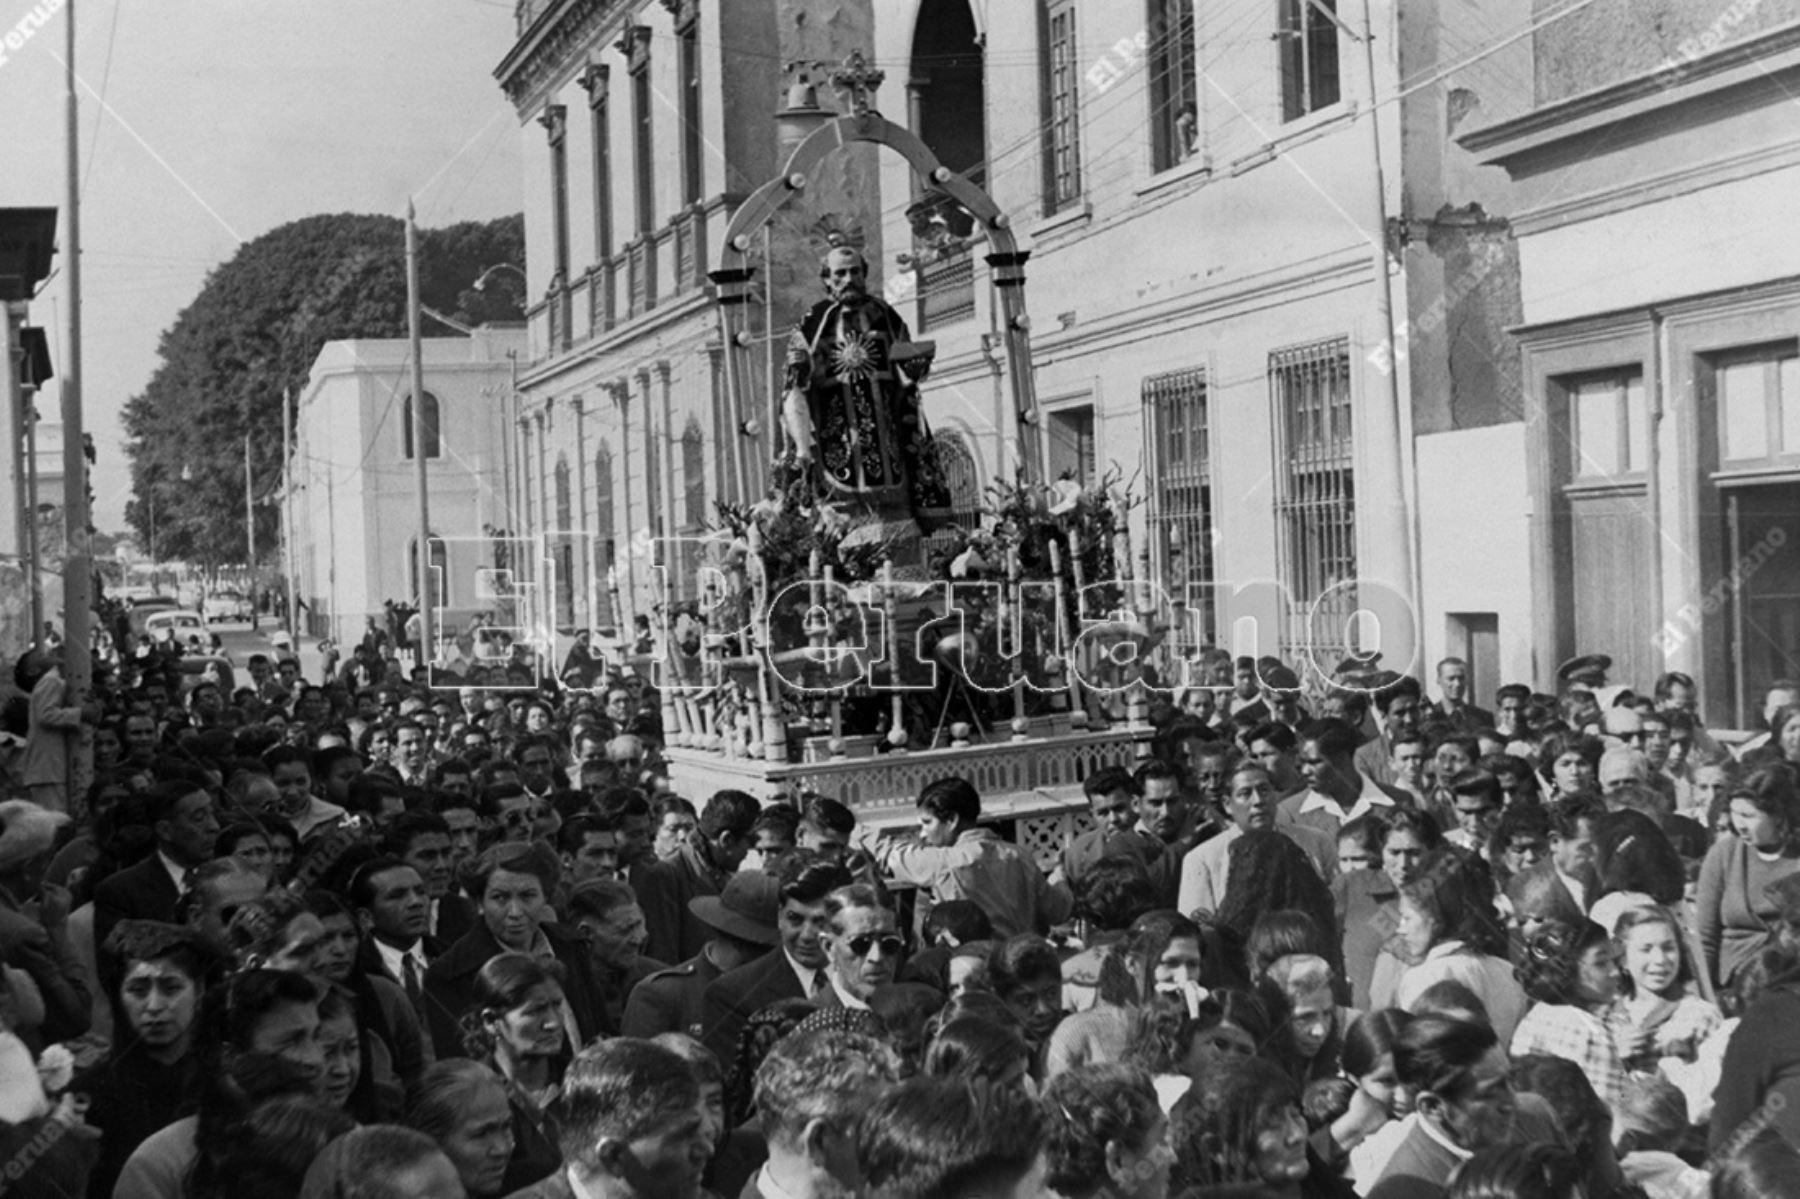 Chorrillos - 29 junio 1953  / Procesión de San Pedro, patrón de Chorrillos.    Foto: Archivo Histórico de El Peruano